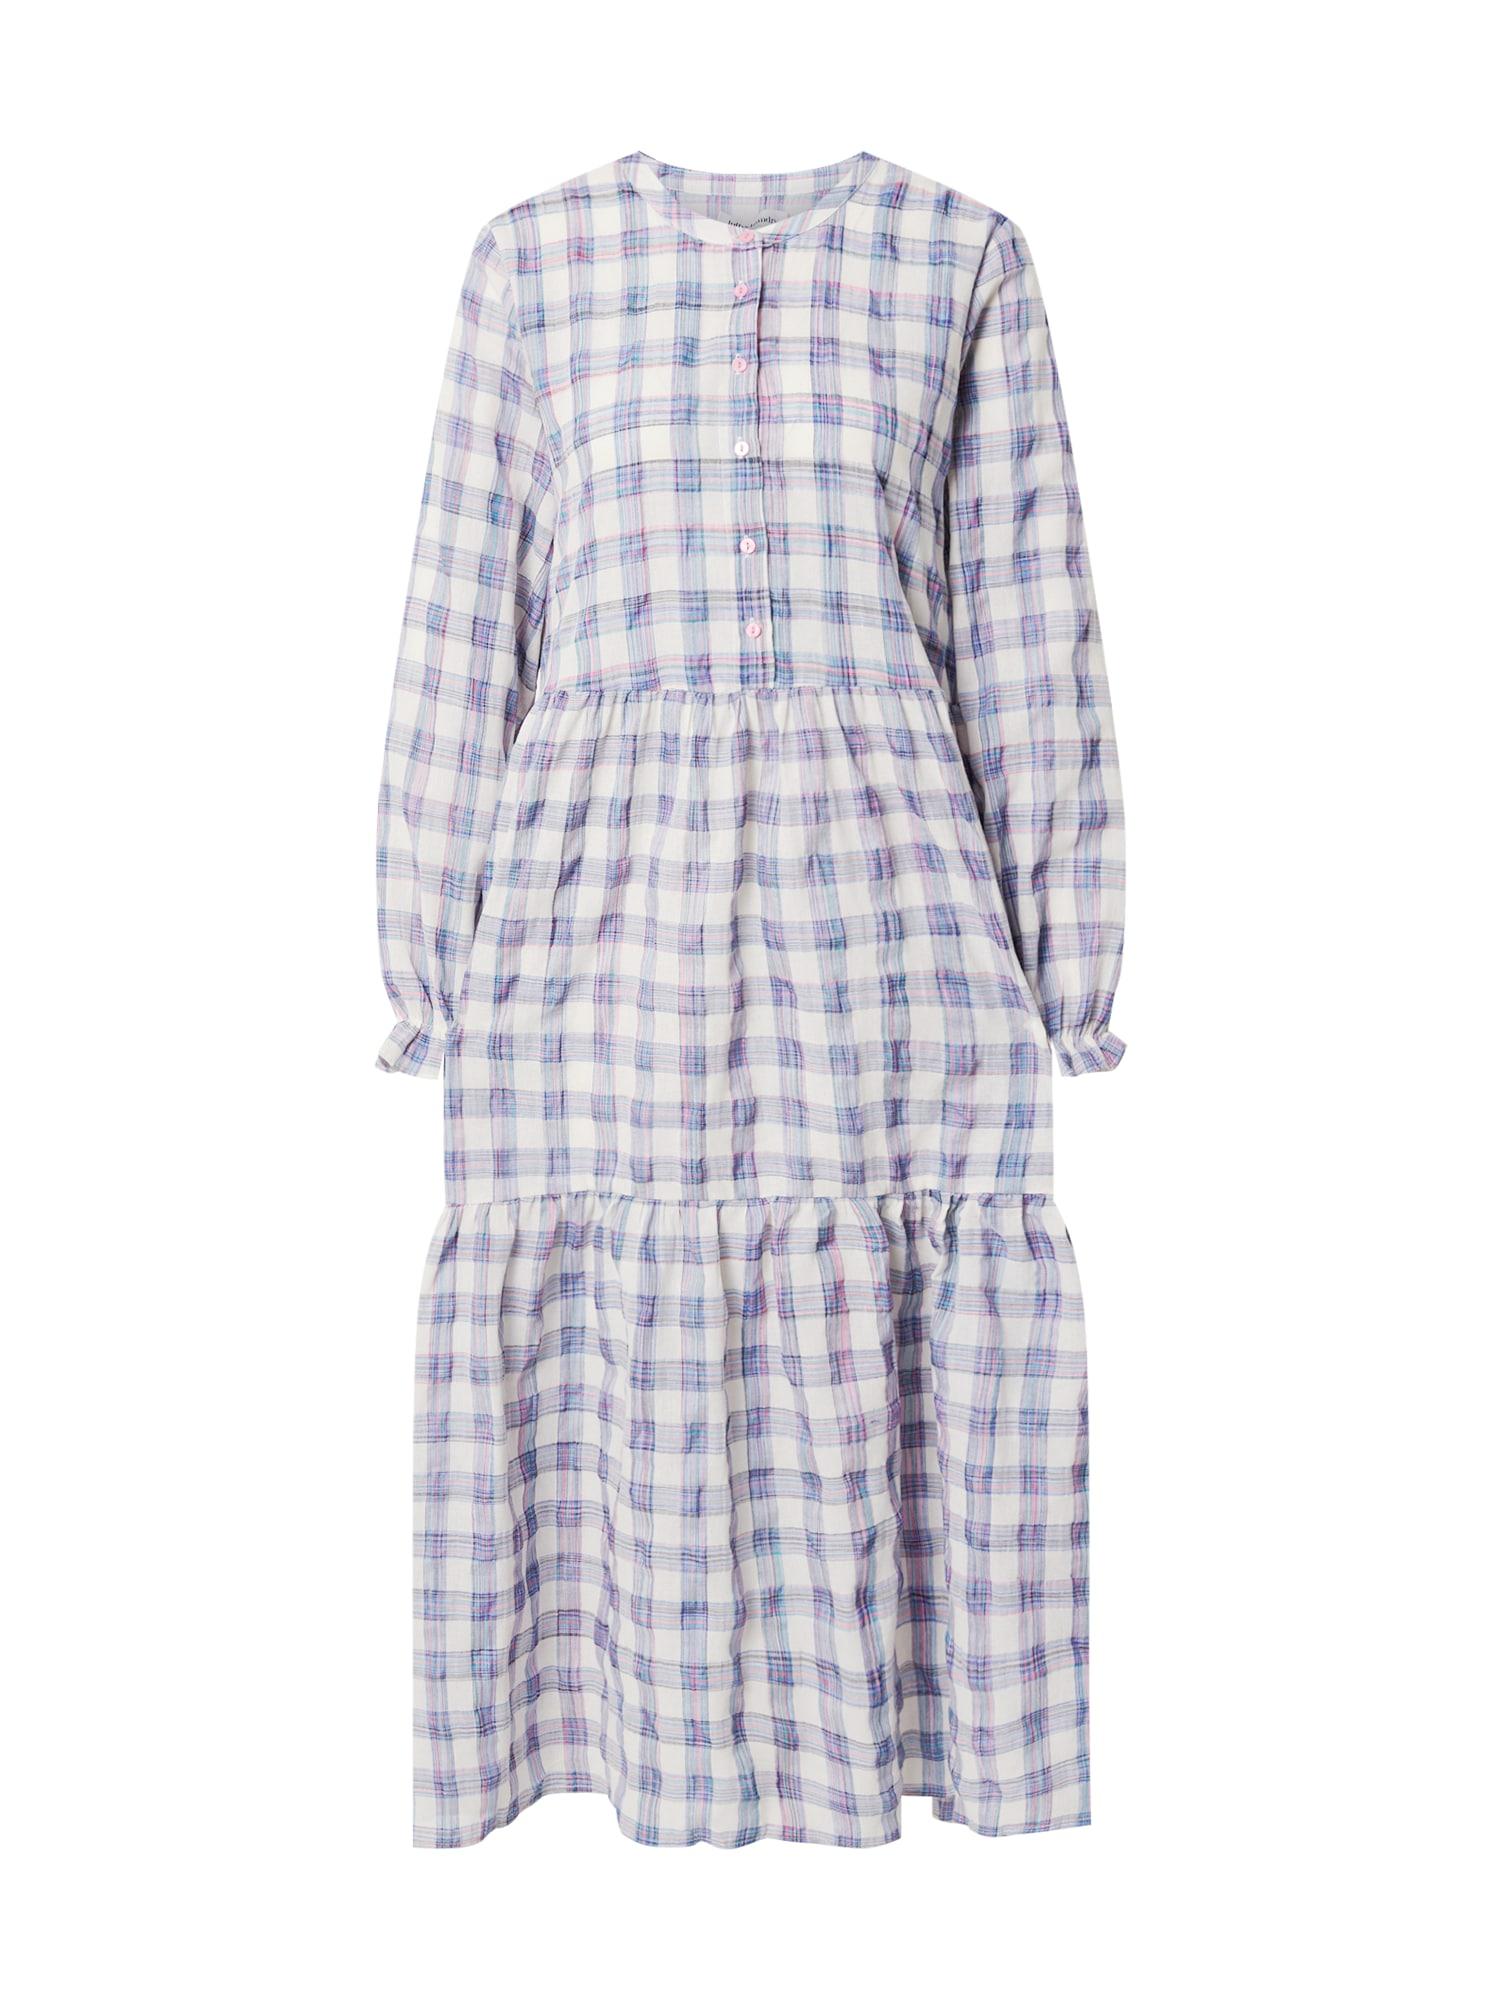 Lollys Laundry Palaidinės tipo suknelė